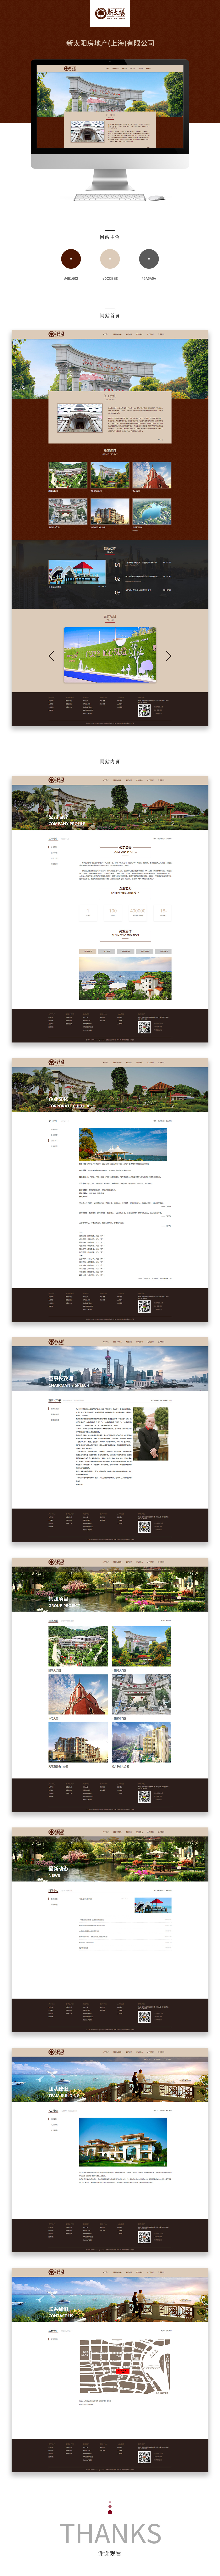 公司案例展示2018-40新太阳房地产(上海)有限公司